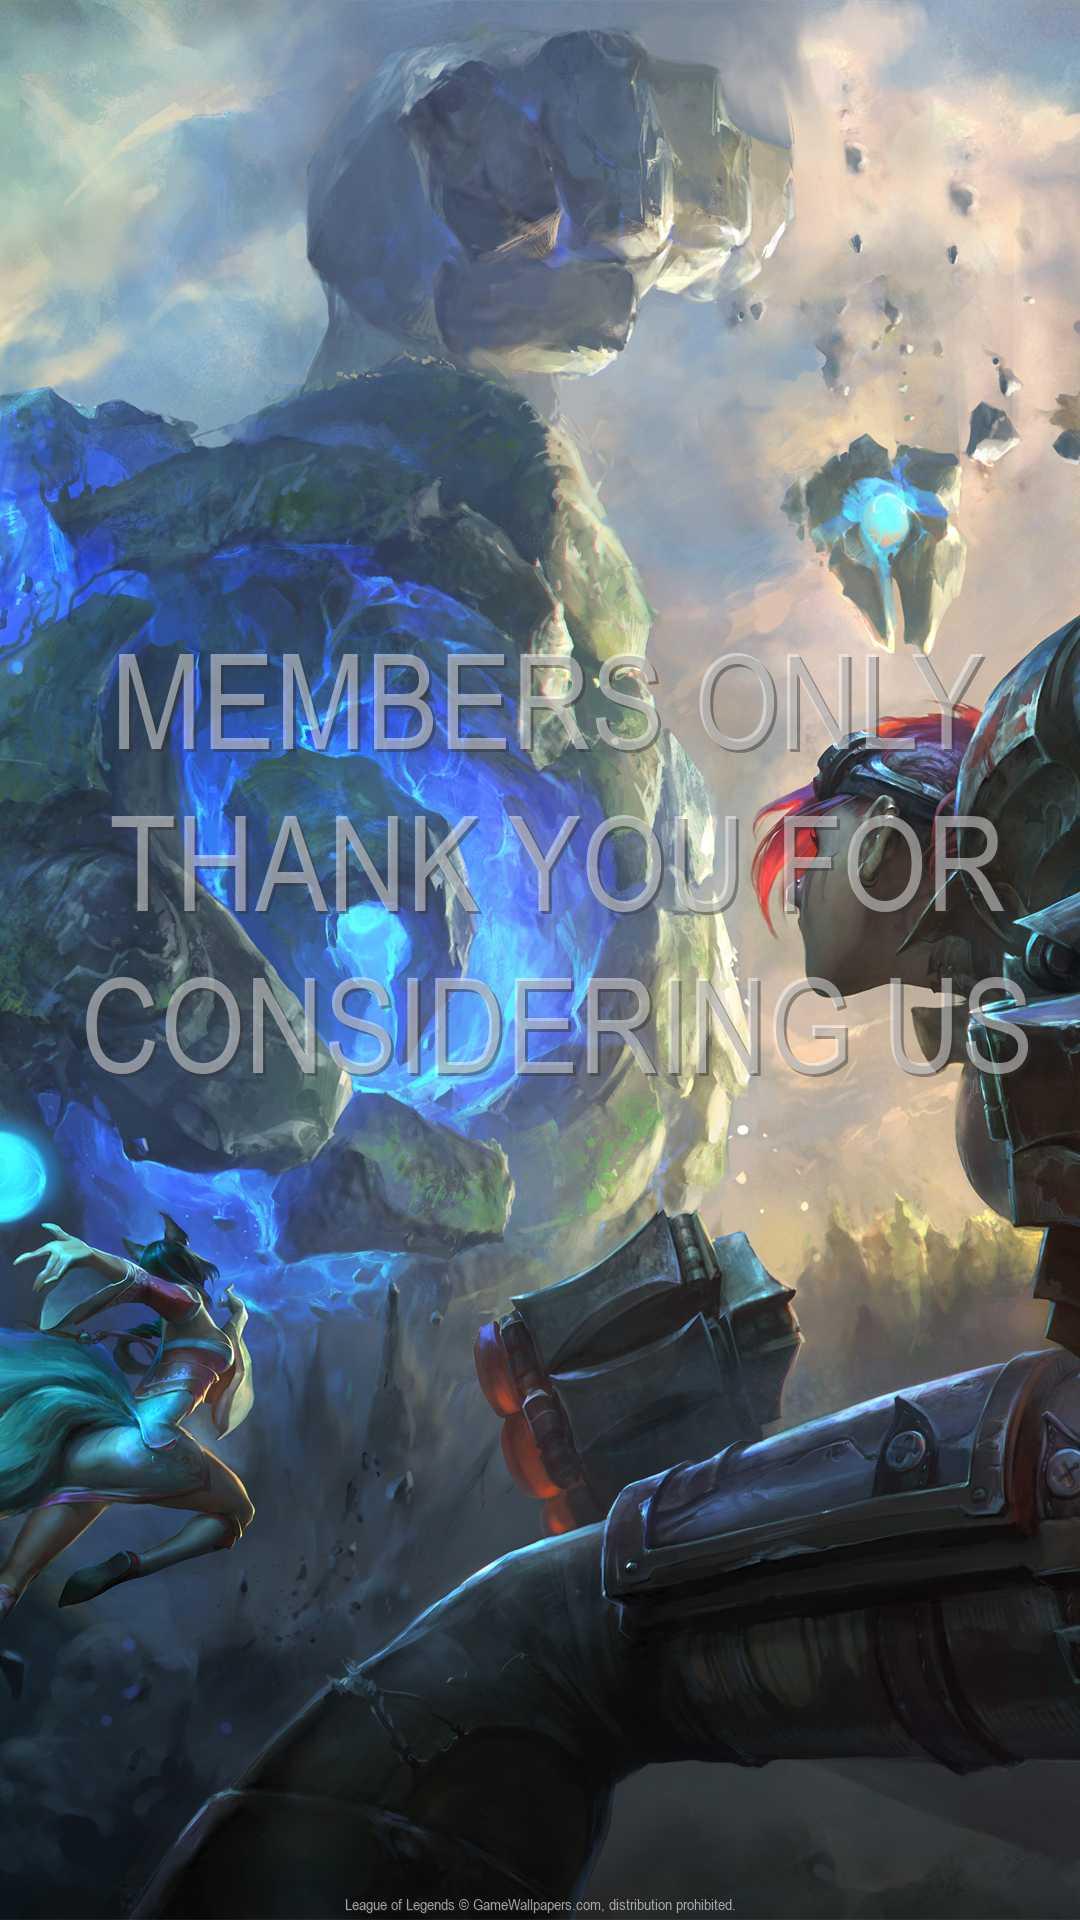 League of Legends 1080p Vertical Handy Hintergrundbild 21